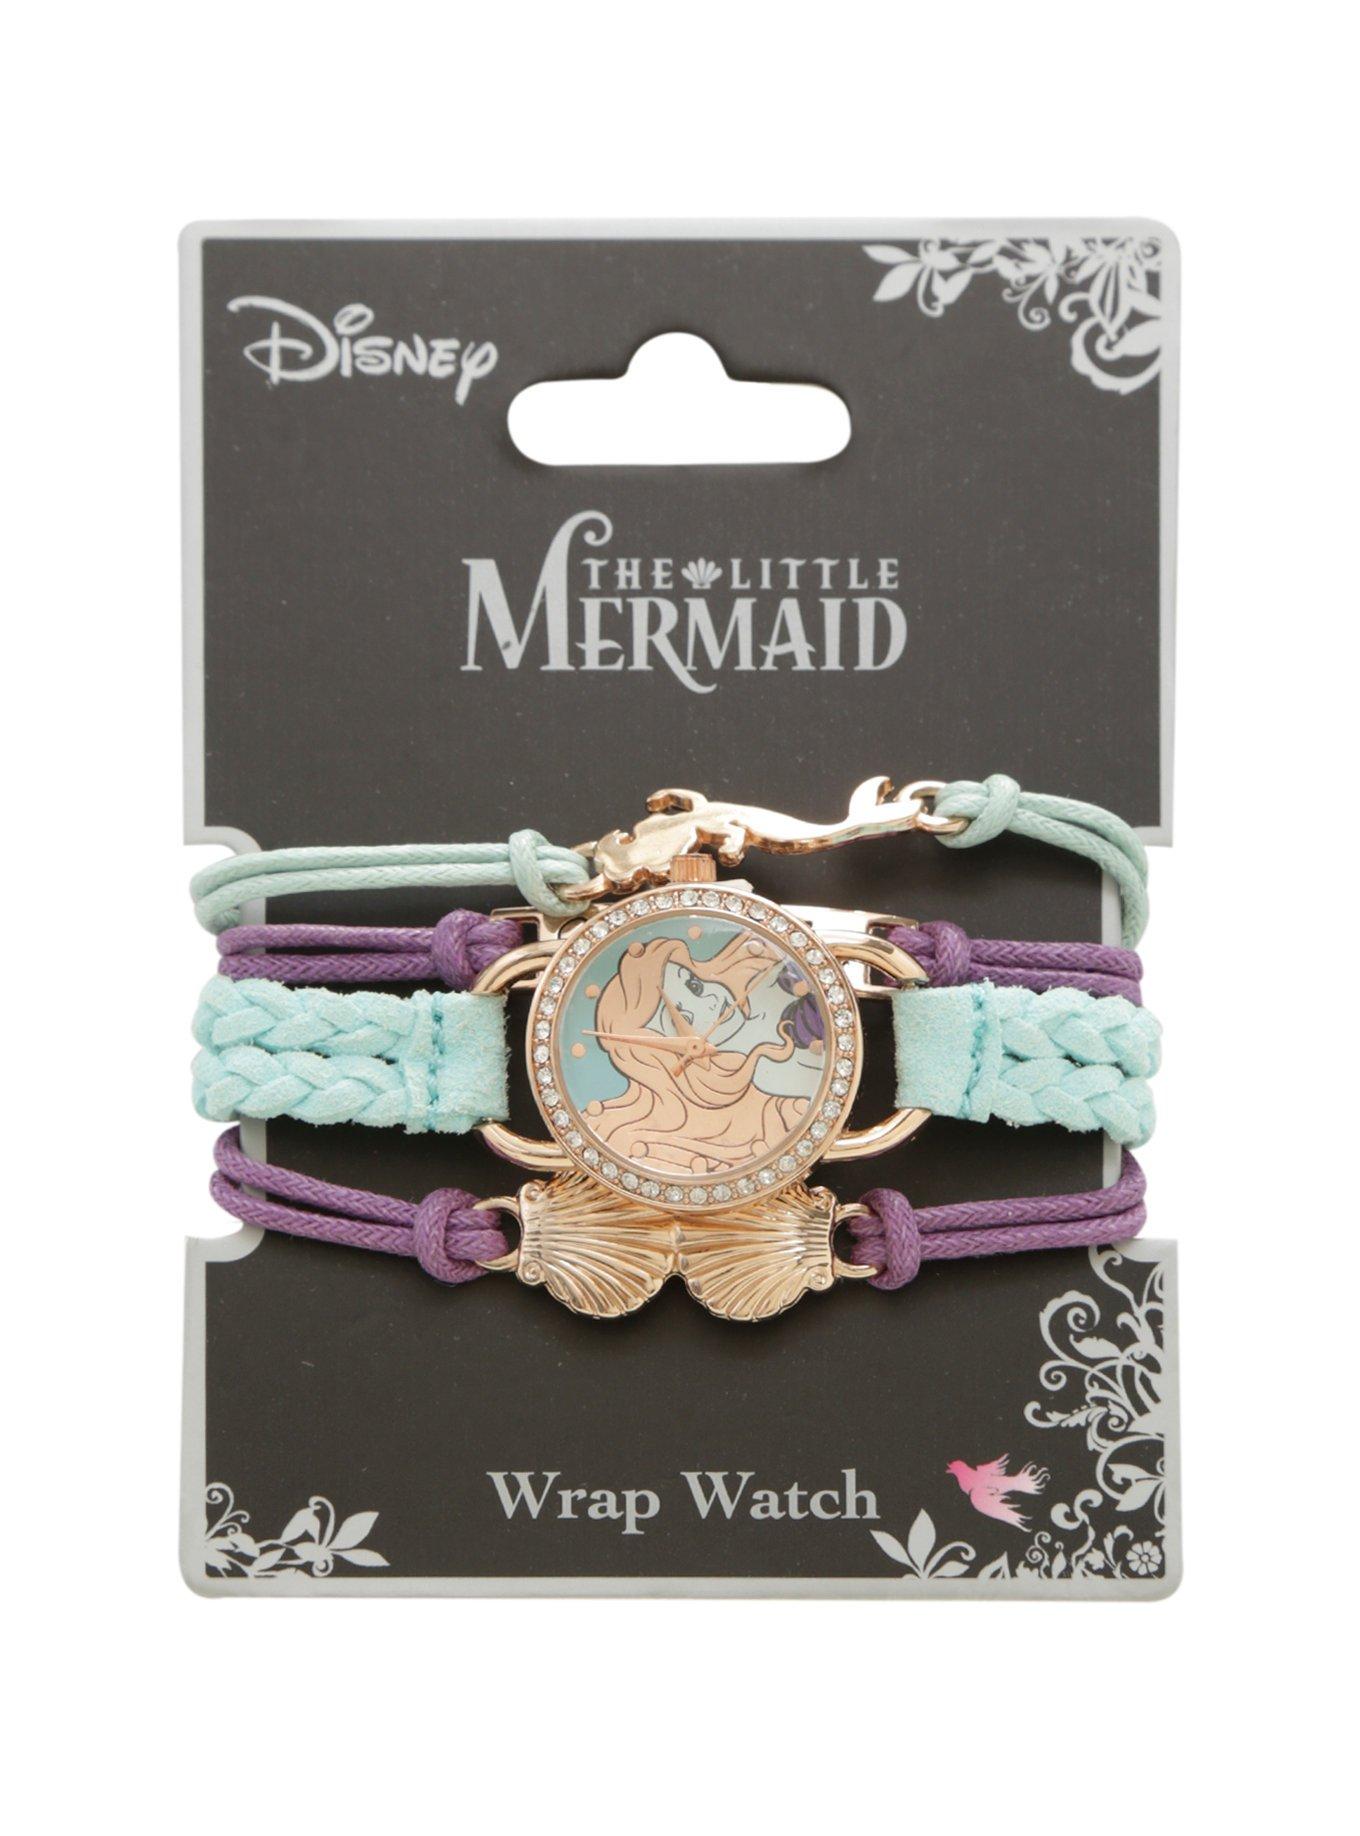 Disney The Little Mermaid Watch Cord Bracelet Set